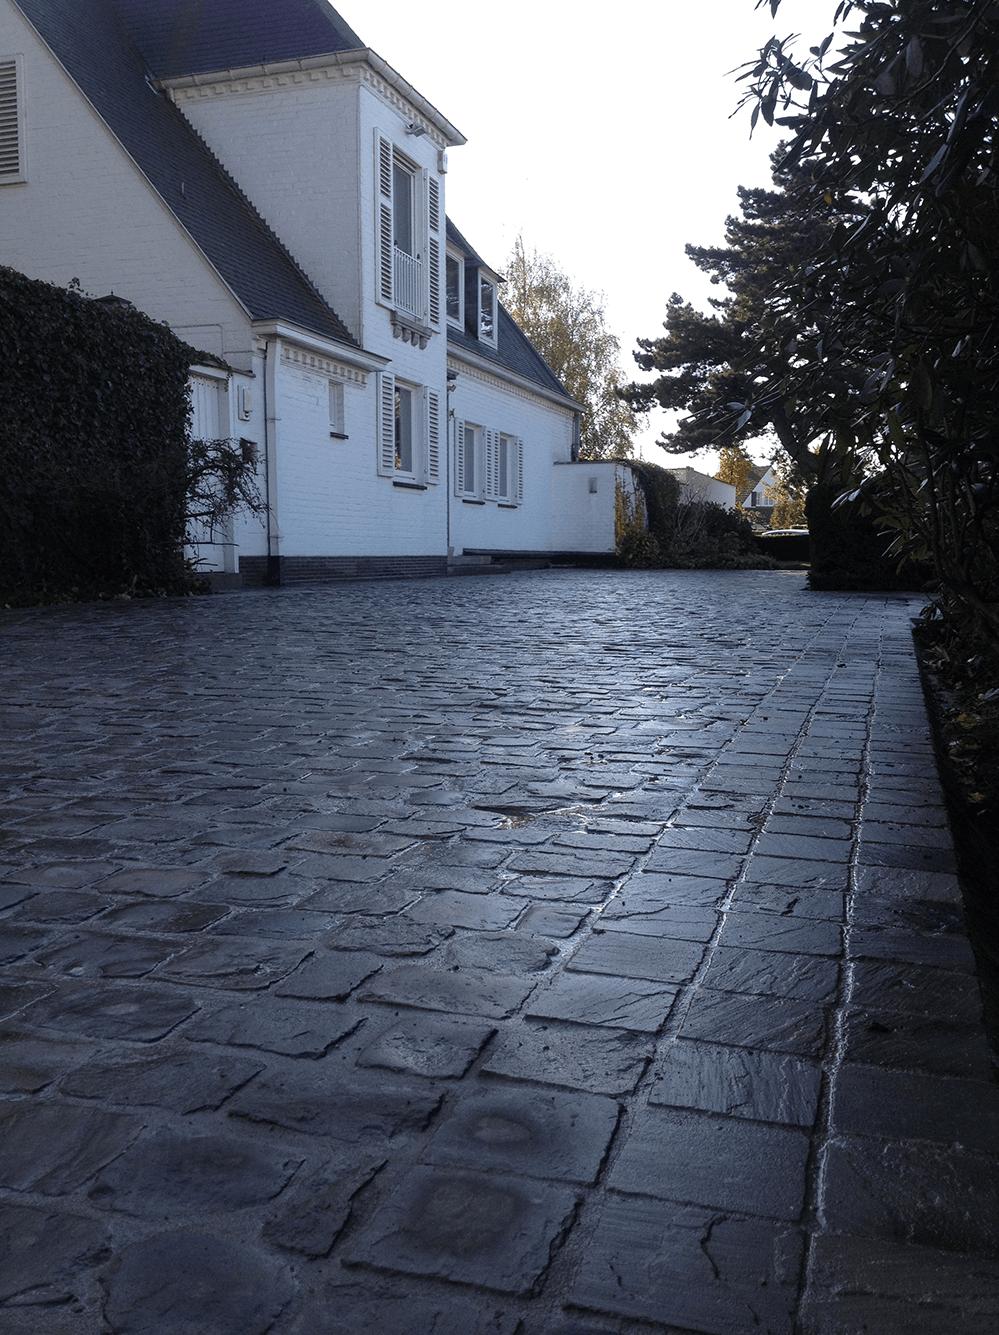 Casteele Tuinen - verharding, terras, wandelpad, pad, tegels, oprit, kasseien, klinkers - Kasteelstraat Deerlijk 2